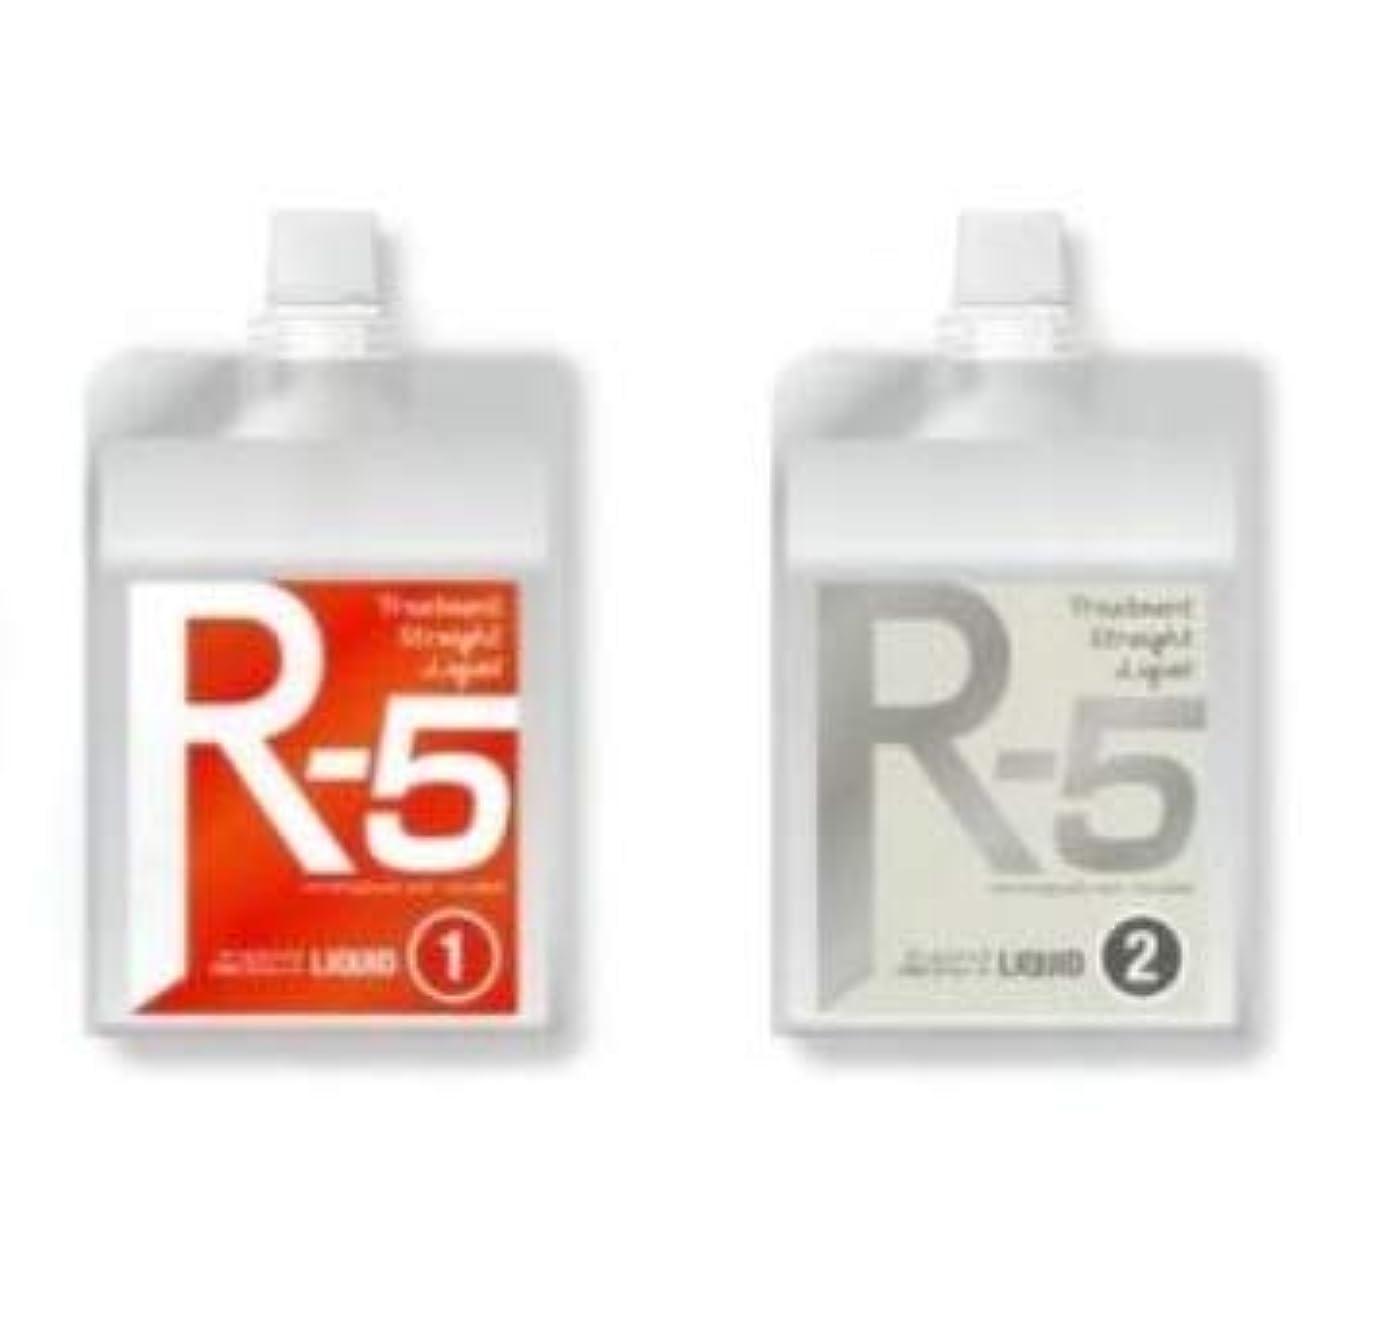 融合関数グリップCMCトリートメントストレート R-5 レッド(レギュラー) ストレート剤 ダメージレス